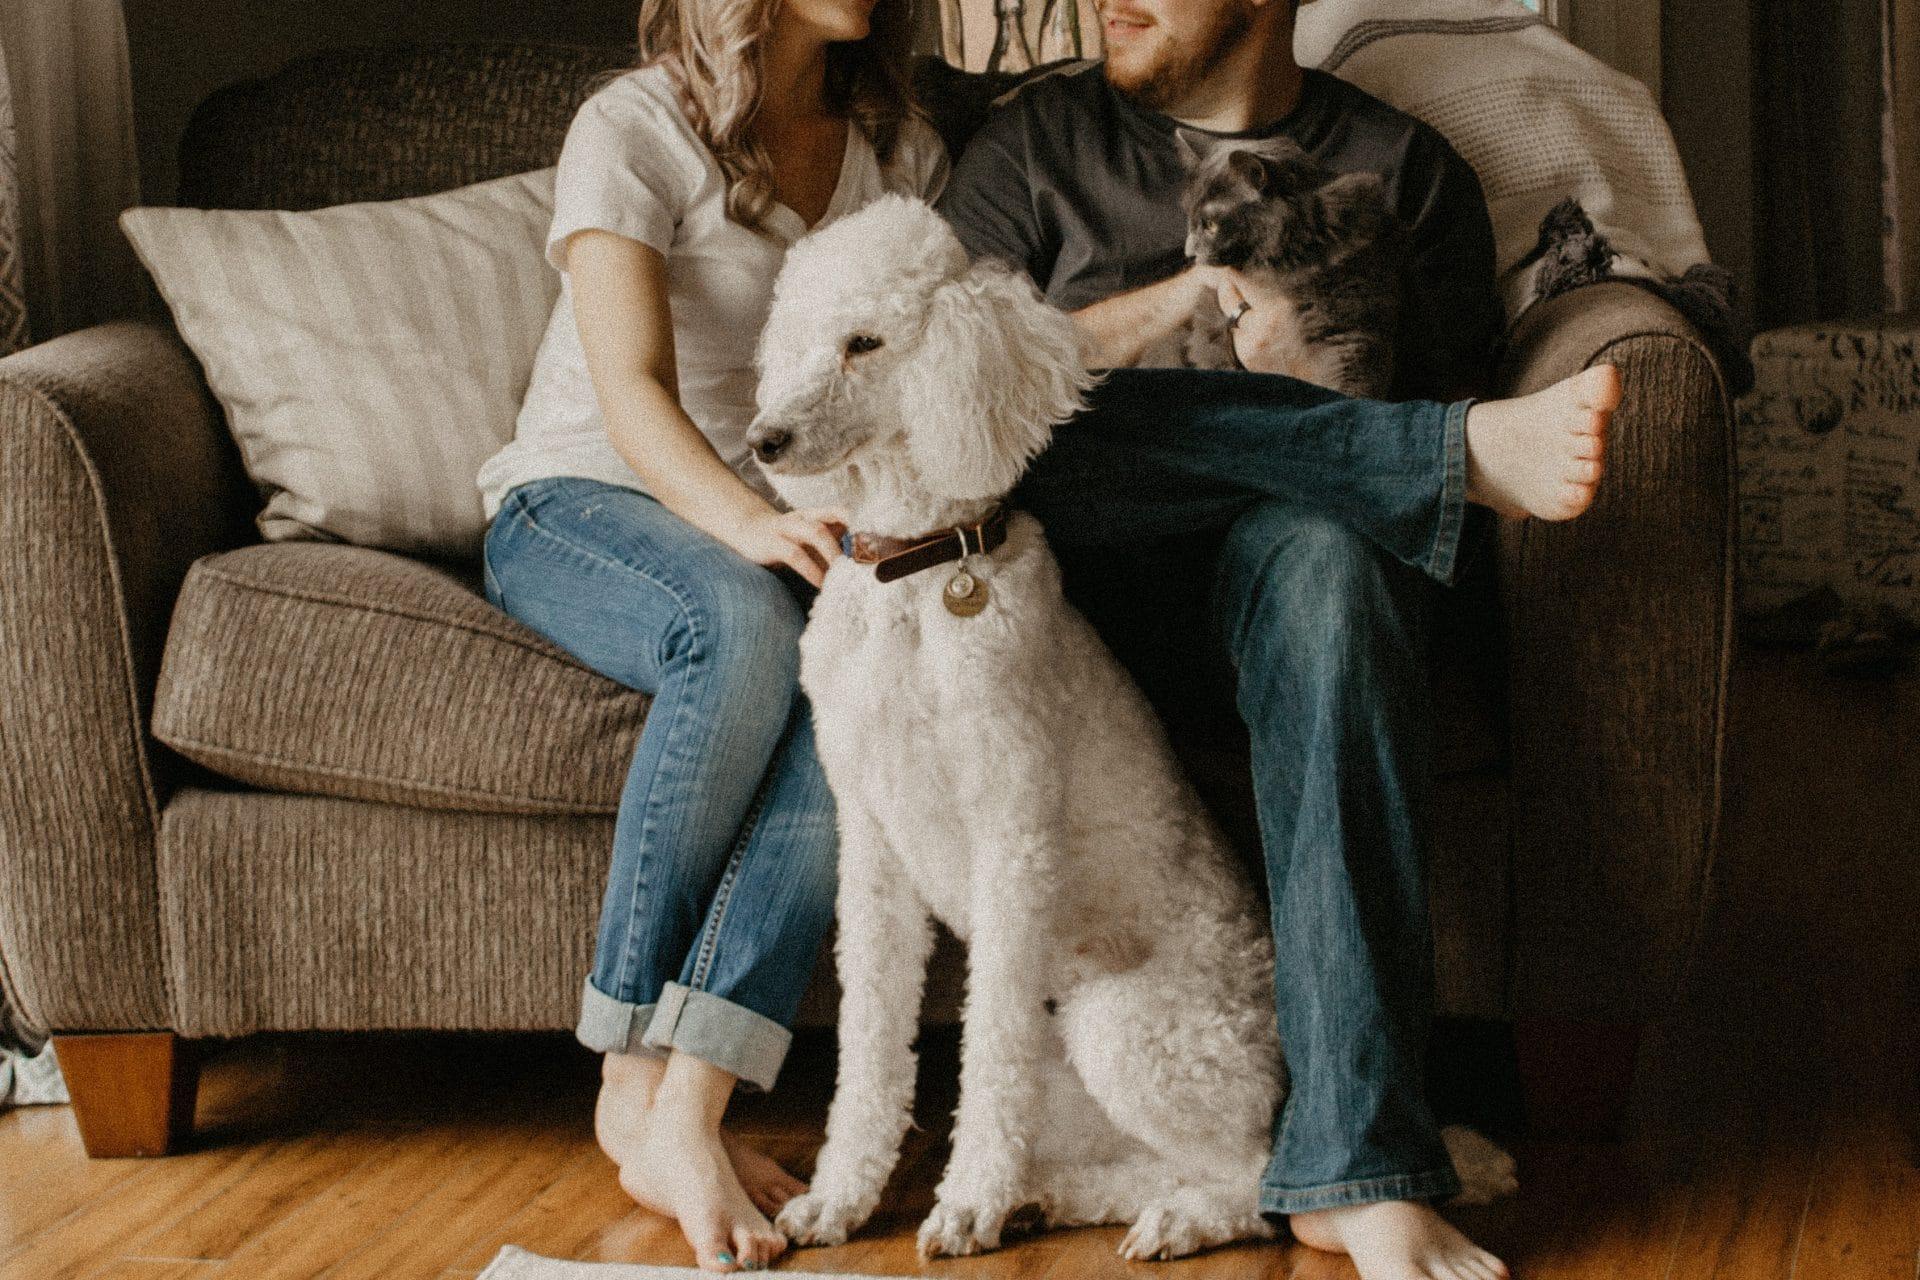 Pet Spending Statistics